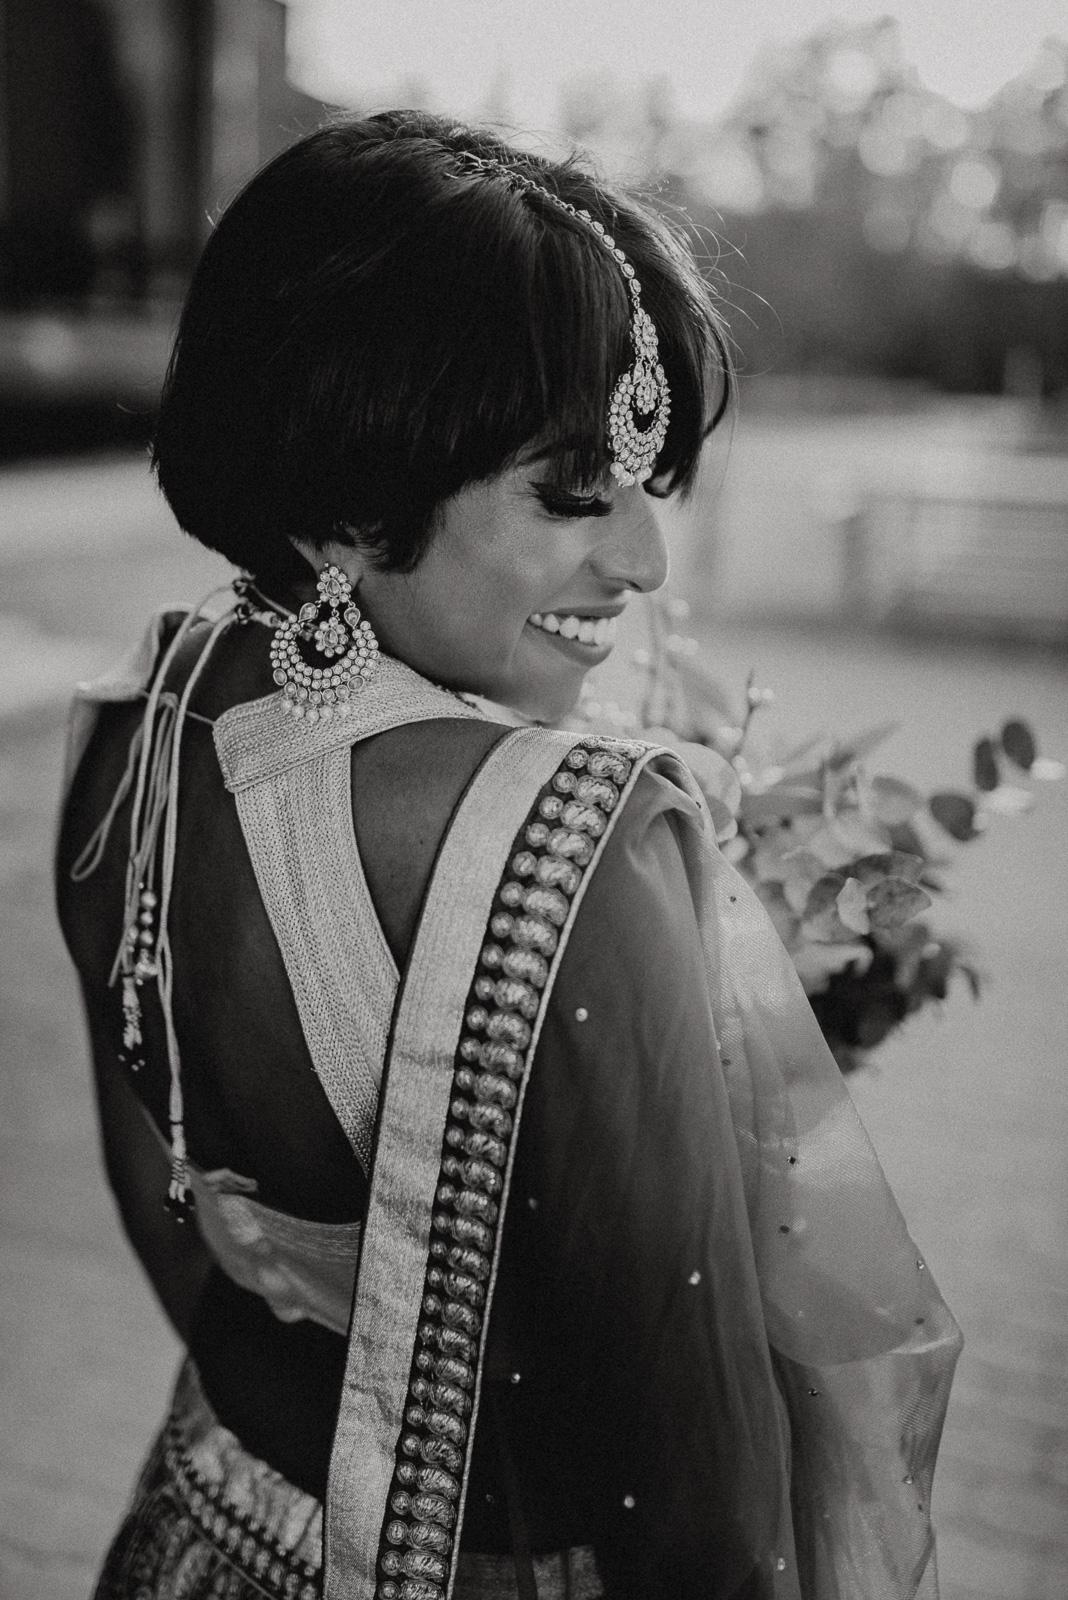 028-designparaplus-bochum-saree-indische-braut-fotograf